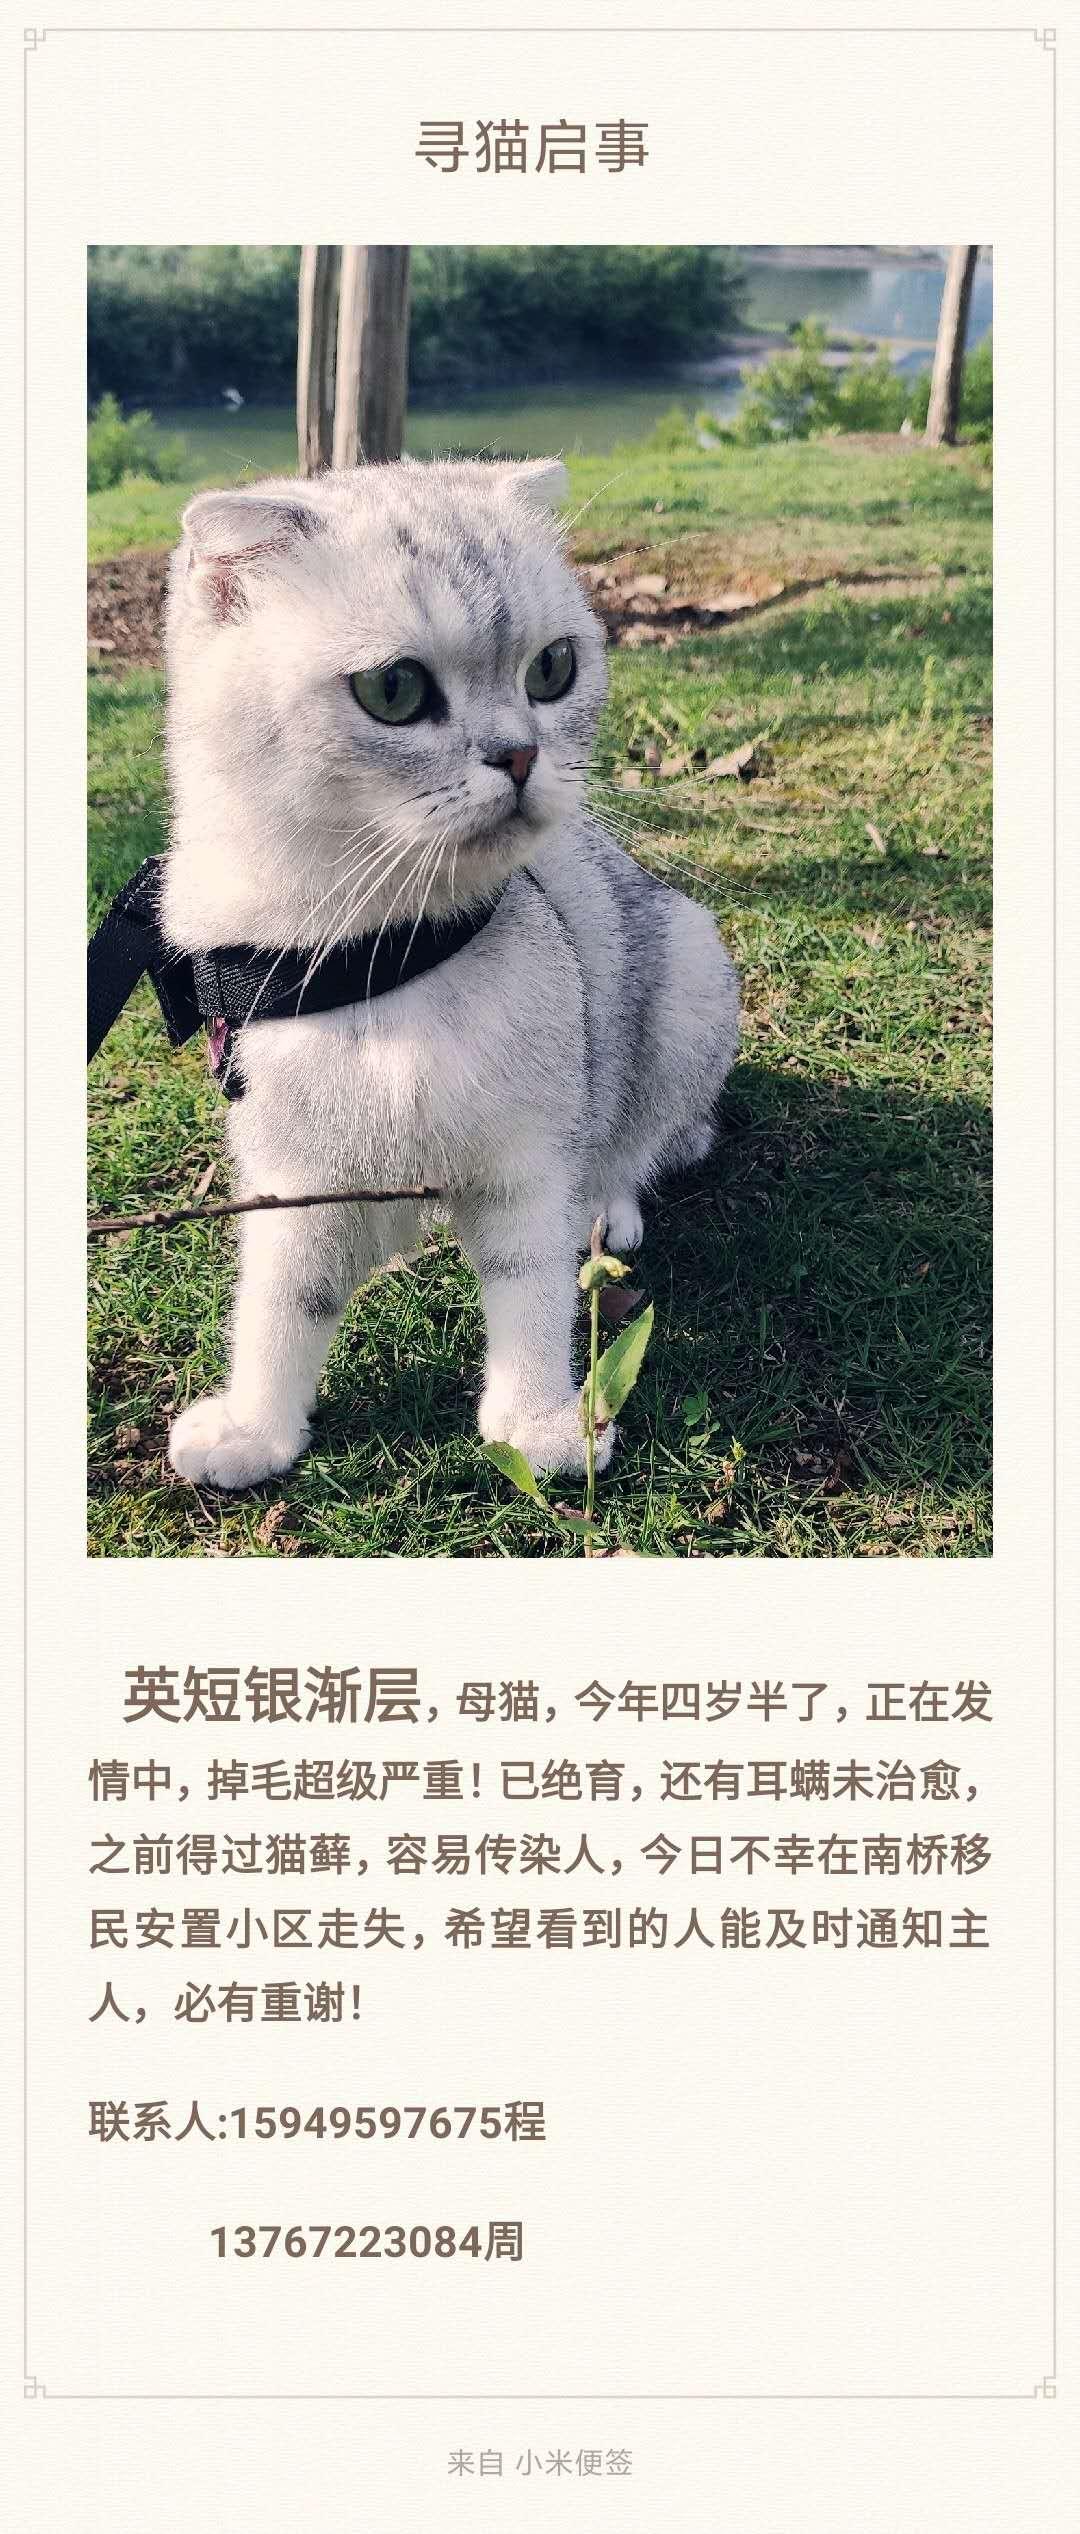 拜托各位如果有看到类似的猫咪请联系一下!